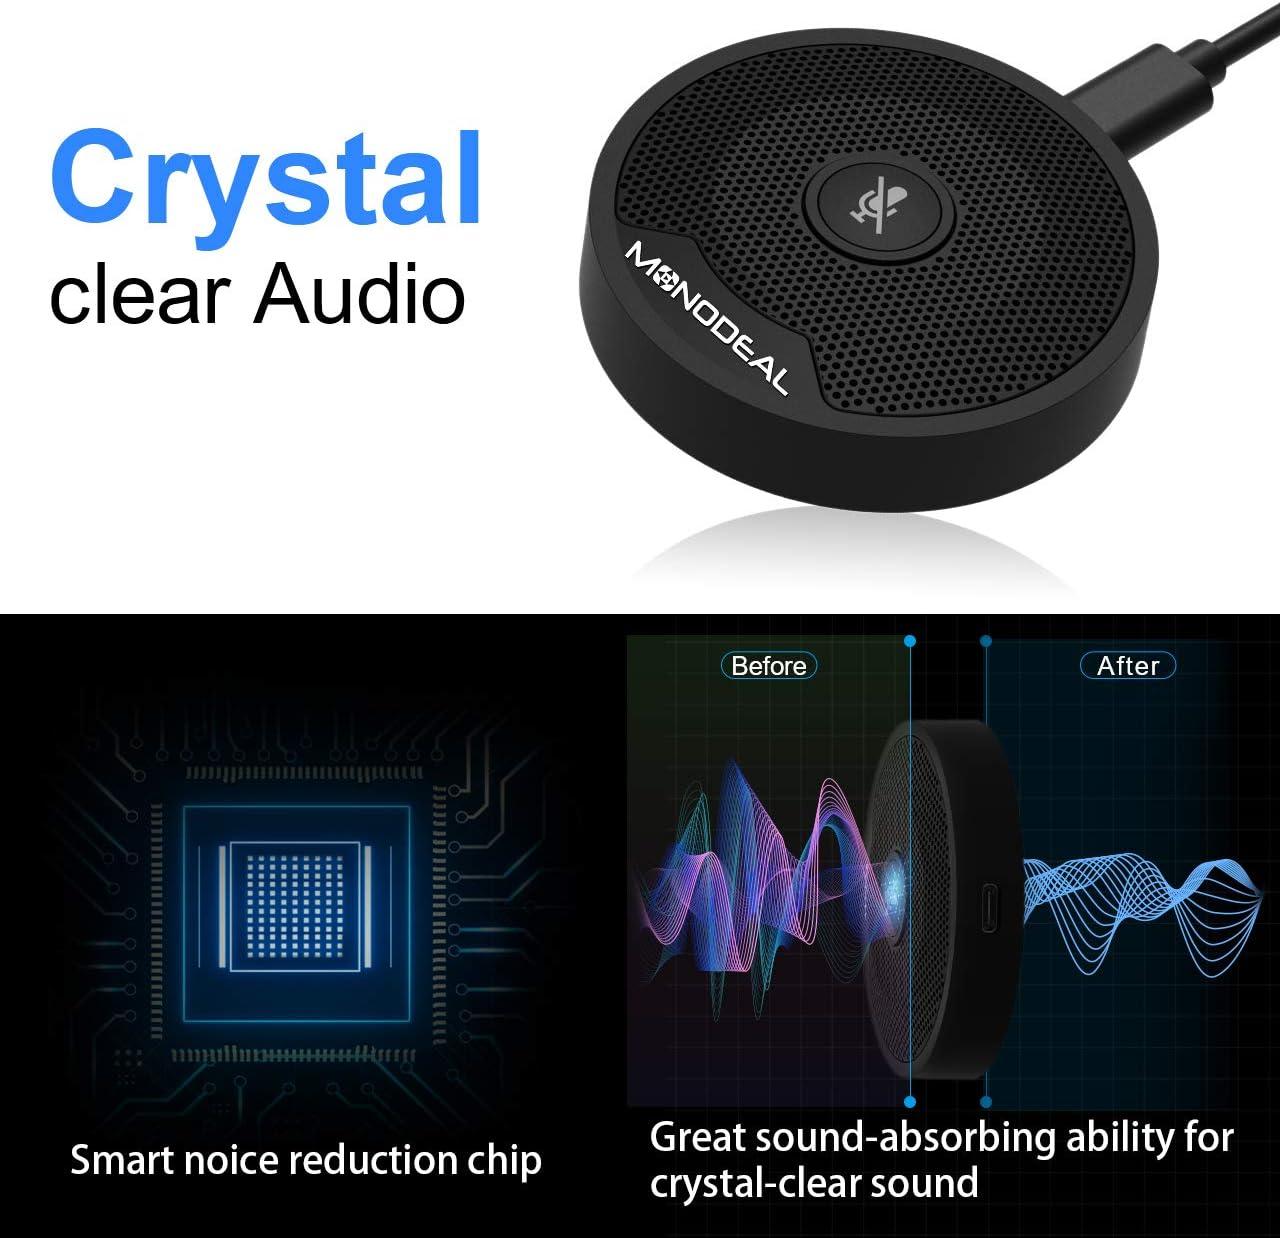 riunioni online registrazione NouveLife per videoconferenze stereo portatile da 3,5 mm tribunale Skype Microfono USB per conferenza con condensatore omnidirezionale per PC